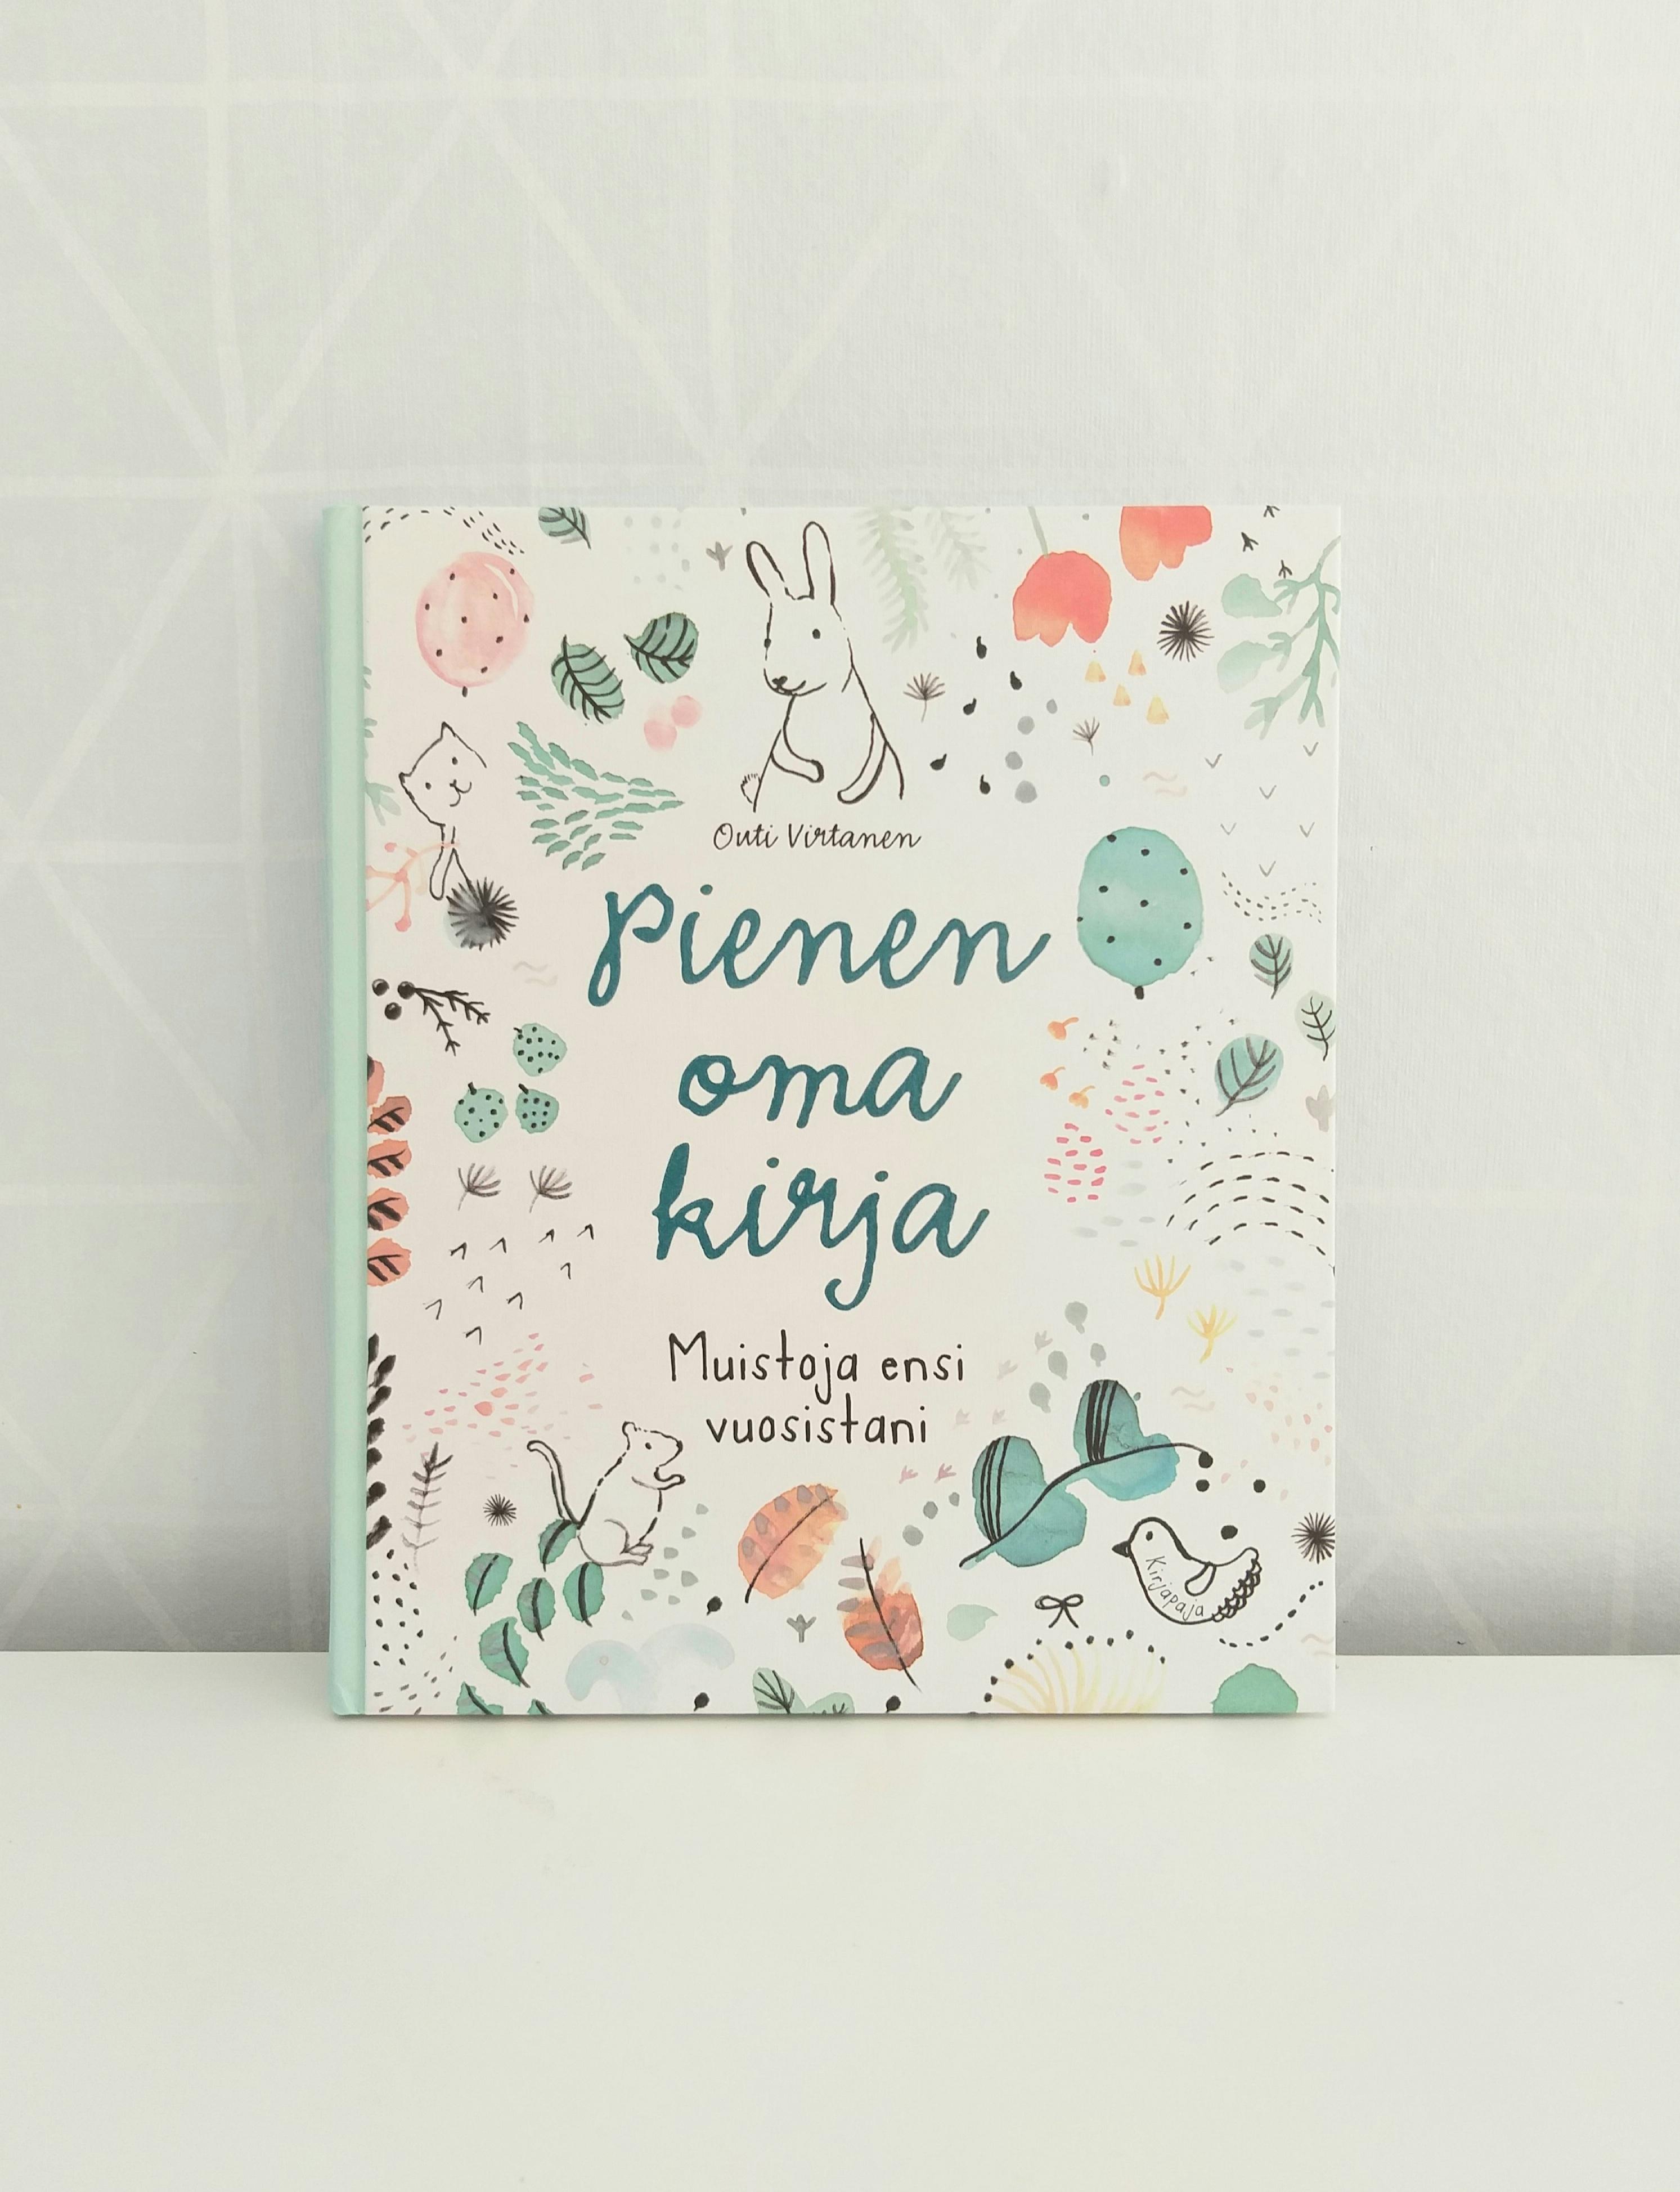 Vauvakirja kauniilla, luontoaiheisella kuvituksella.